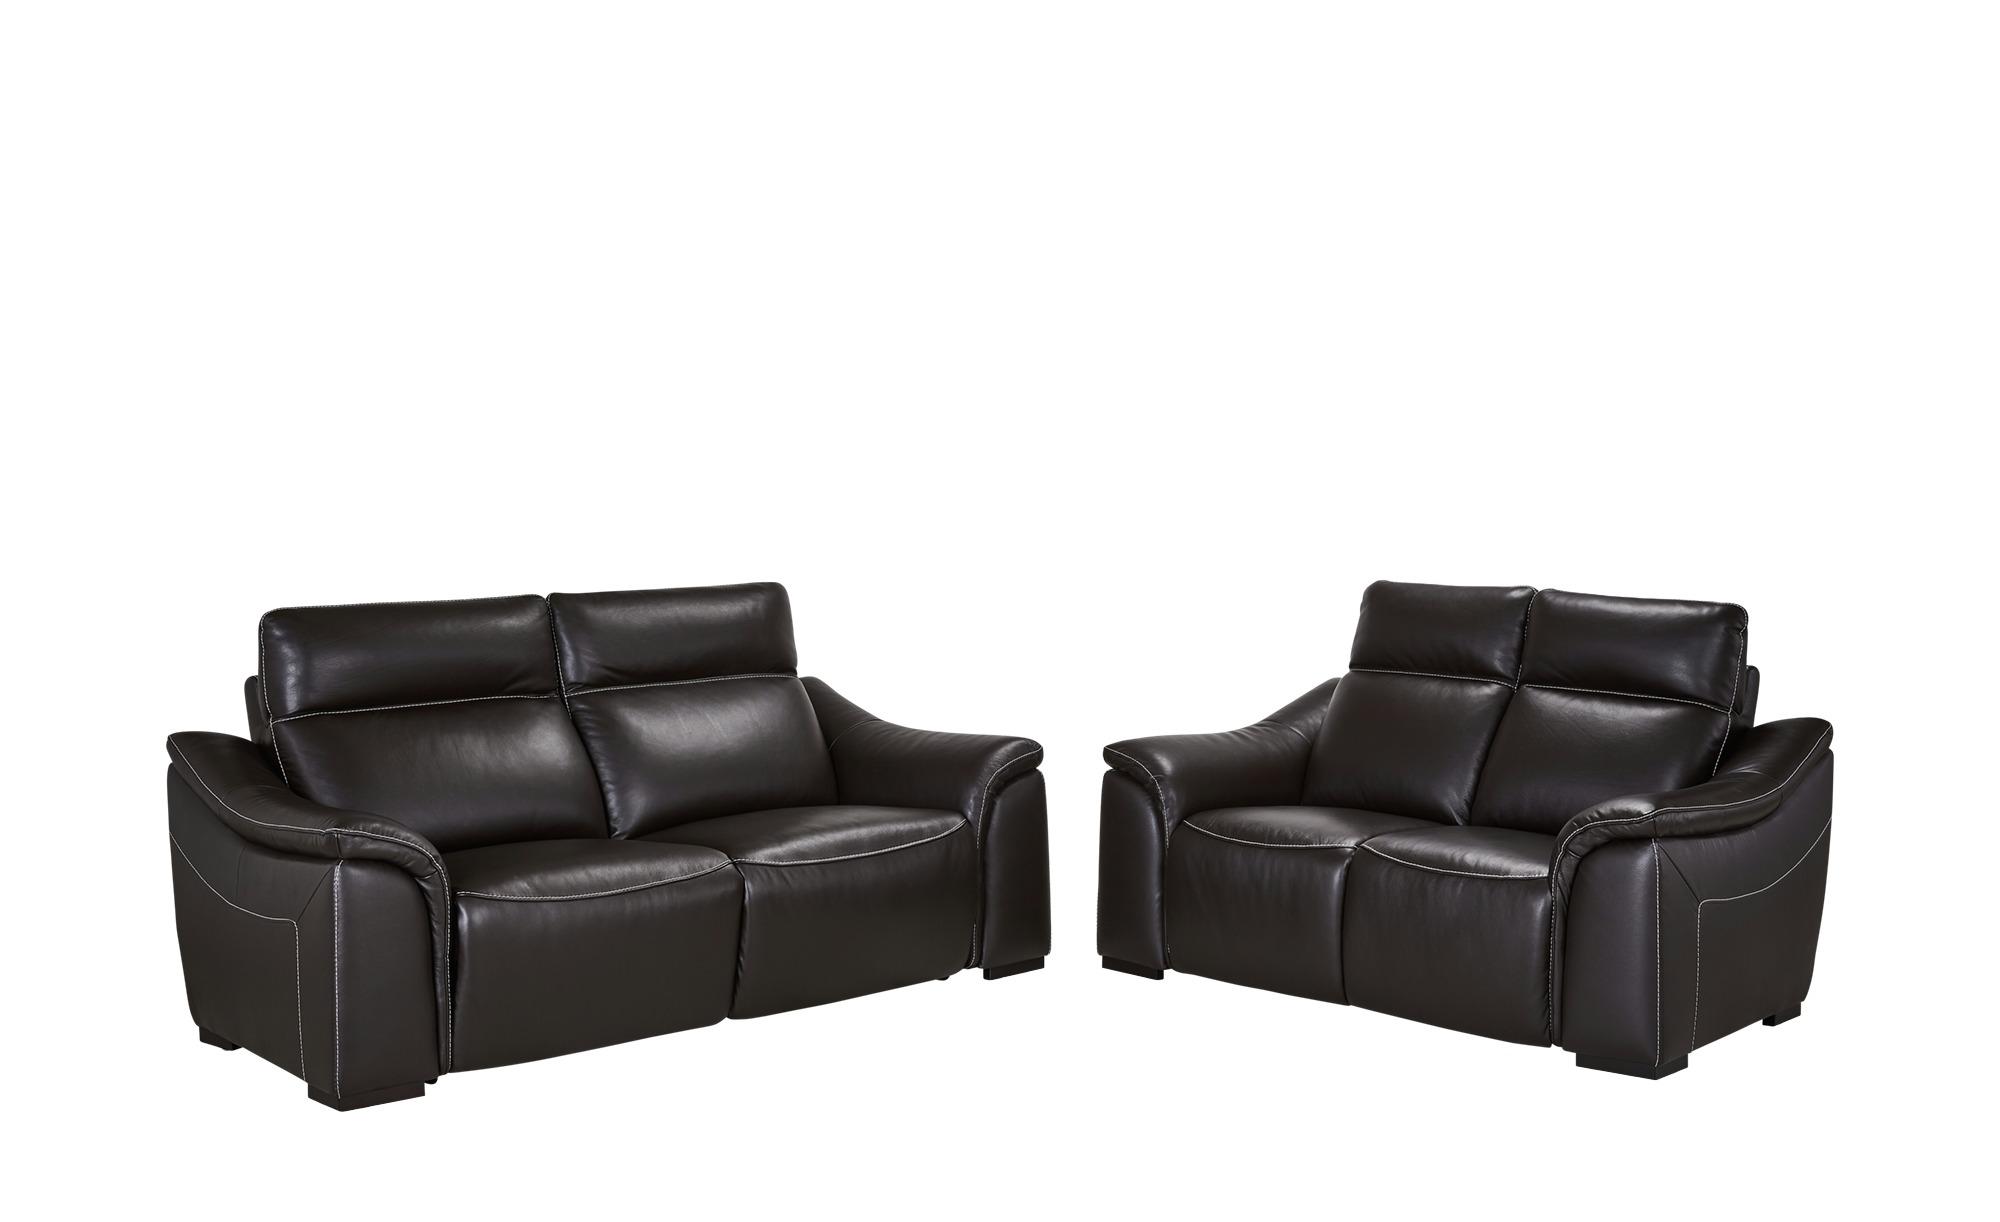 uno sitzgruppe elva breite h he braun online kaufen bei. Black Bedroom Furniture Sets. Home Design Ideas